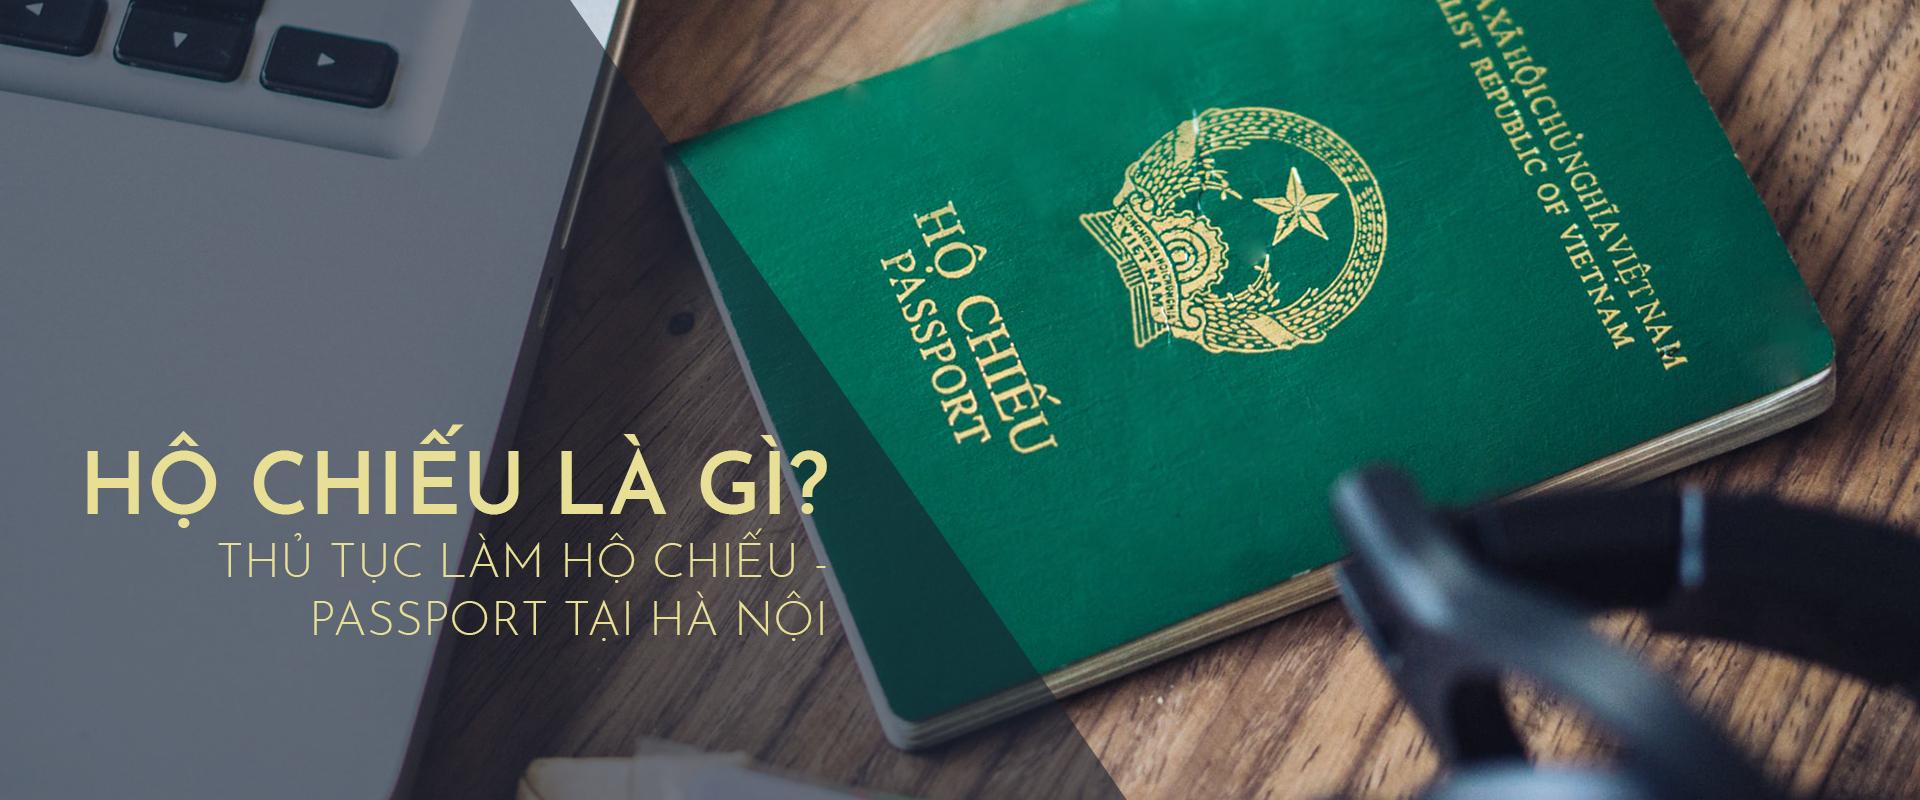 Hộ chiếu (Passpost) là gì? Thủ tục làm hộ chiếu tại Hà Nội.